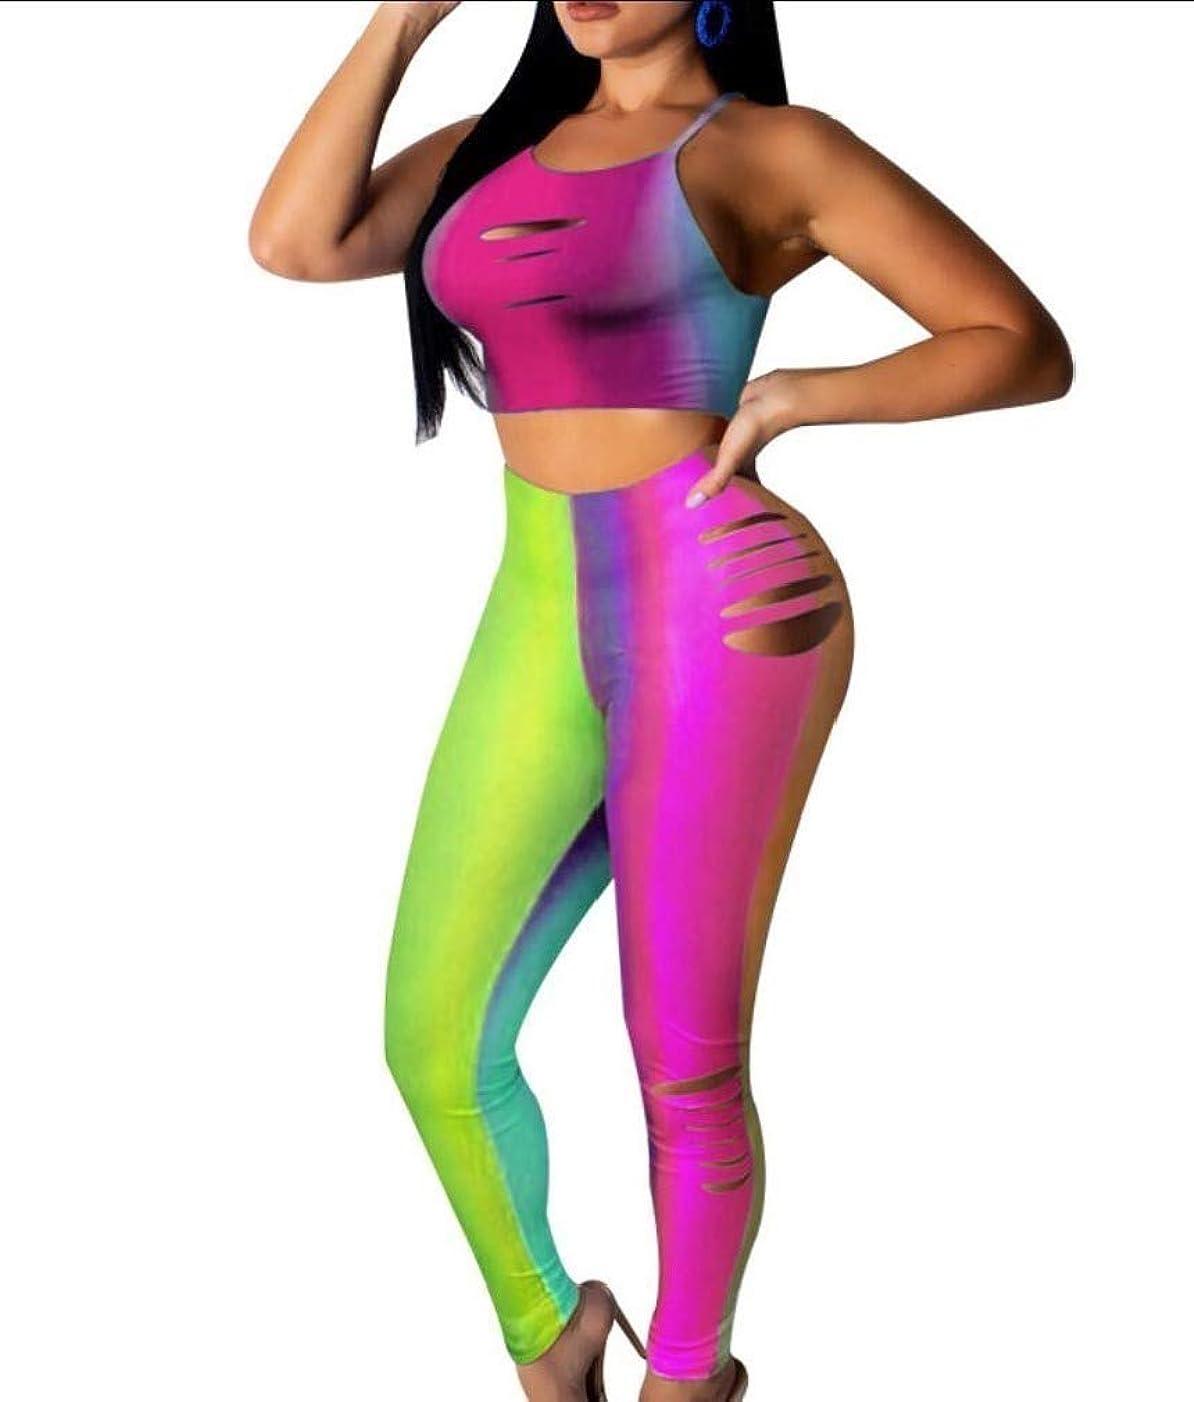 シール丁寧マーキーRomancly 女性キャミクロップトップとボディコンロングパンツ2ピース衣装ジャンプスーツ Green L